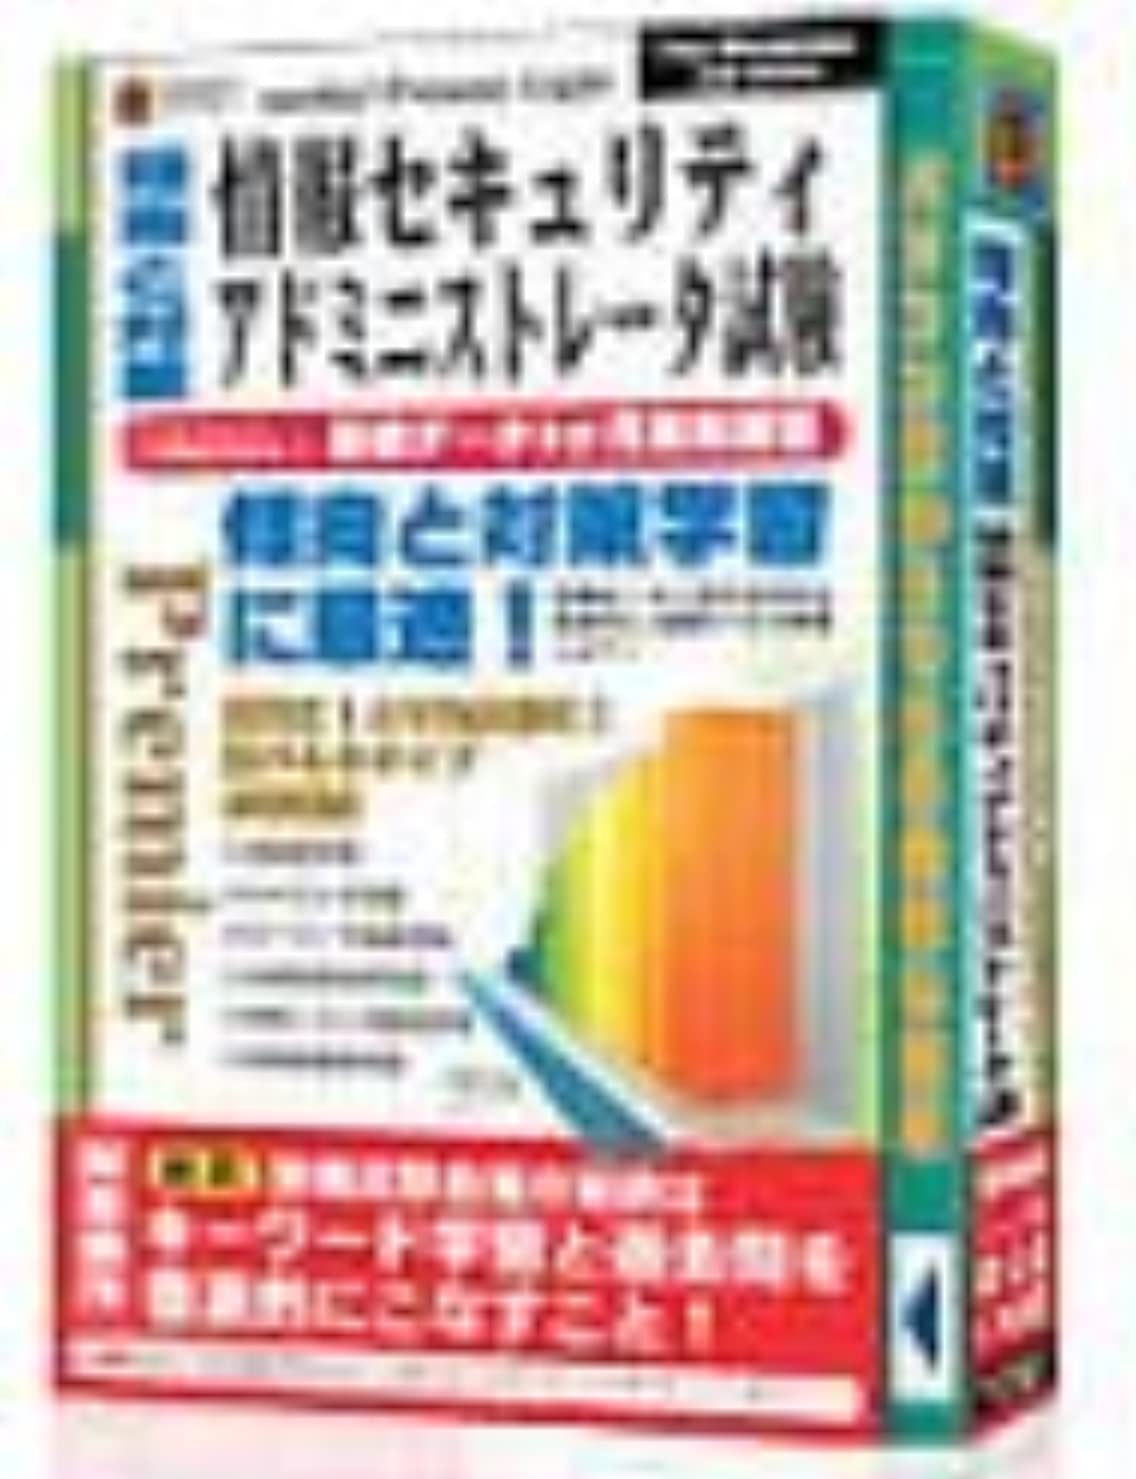 精神医学変装した割り当てるmedia5 Premier Light 情報セキュリティアドミニストレータ 6ヶ月保証版